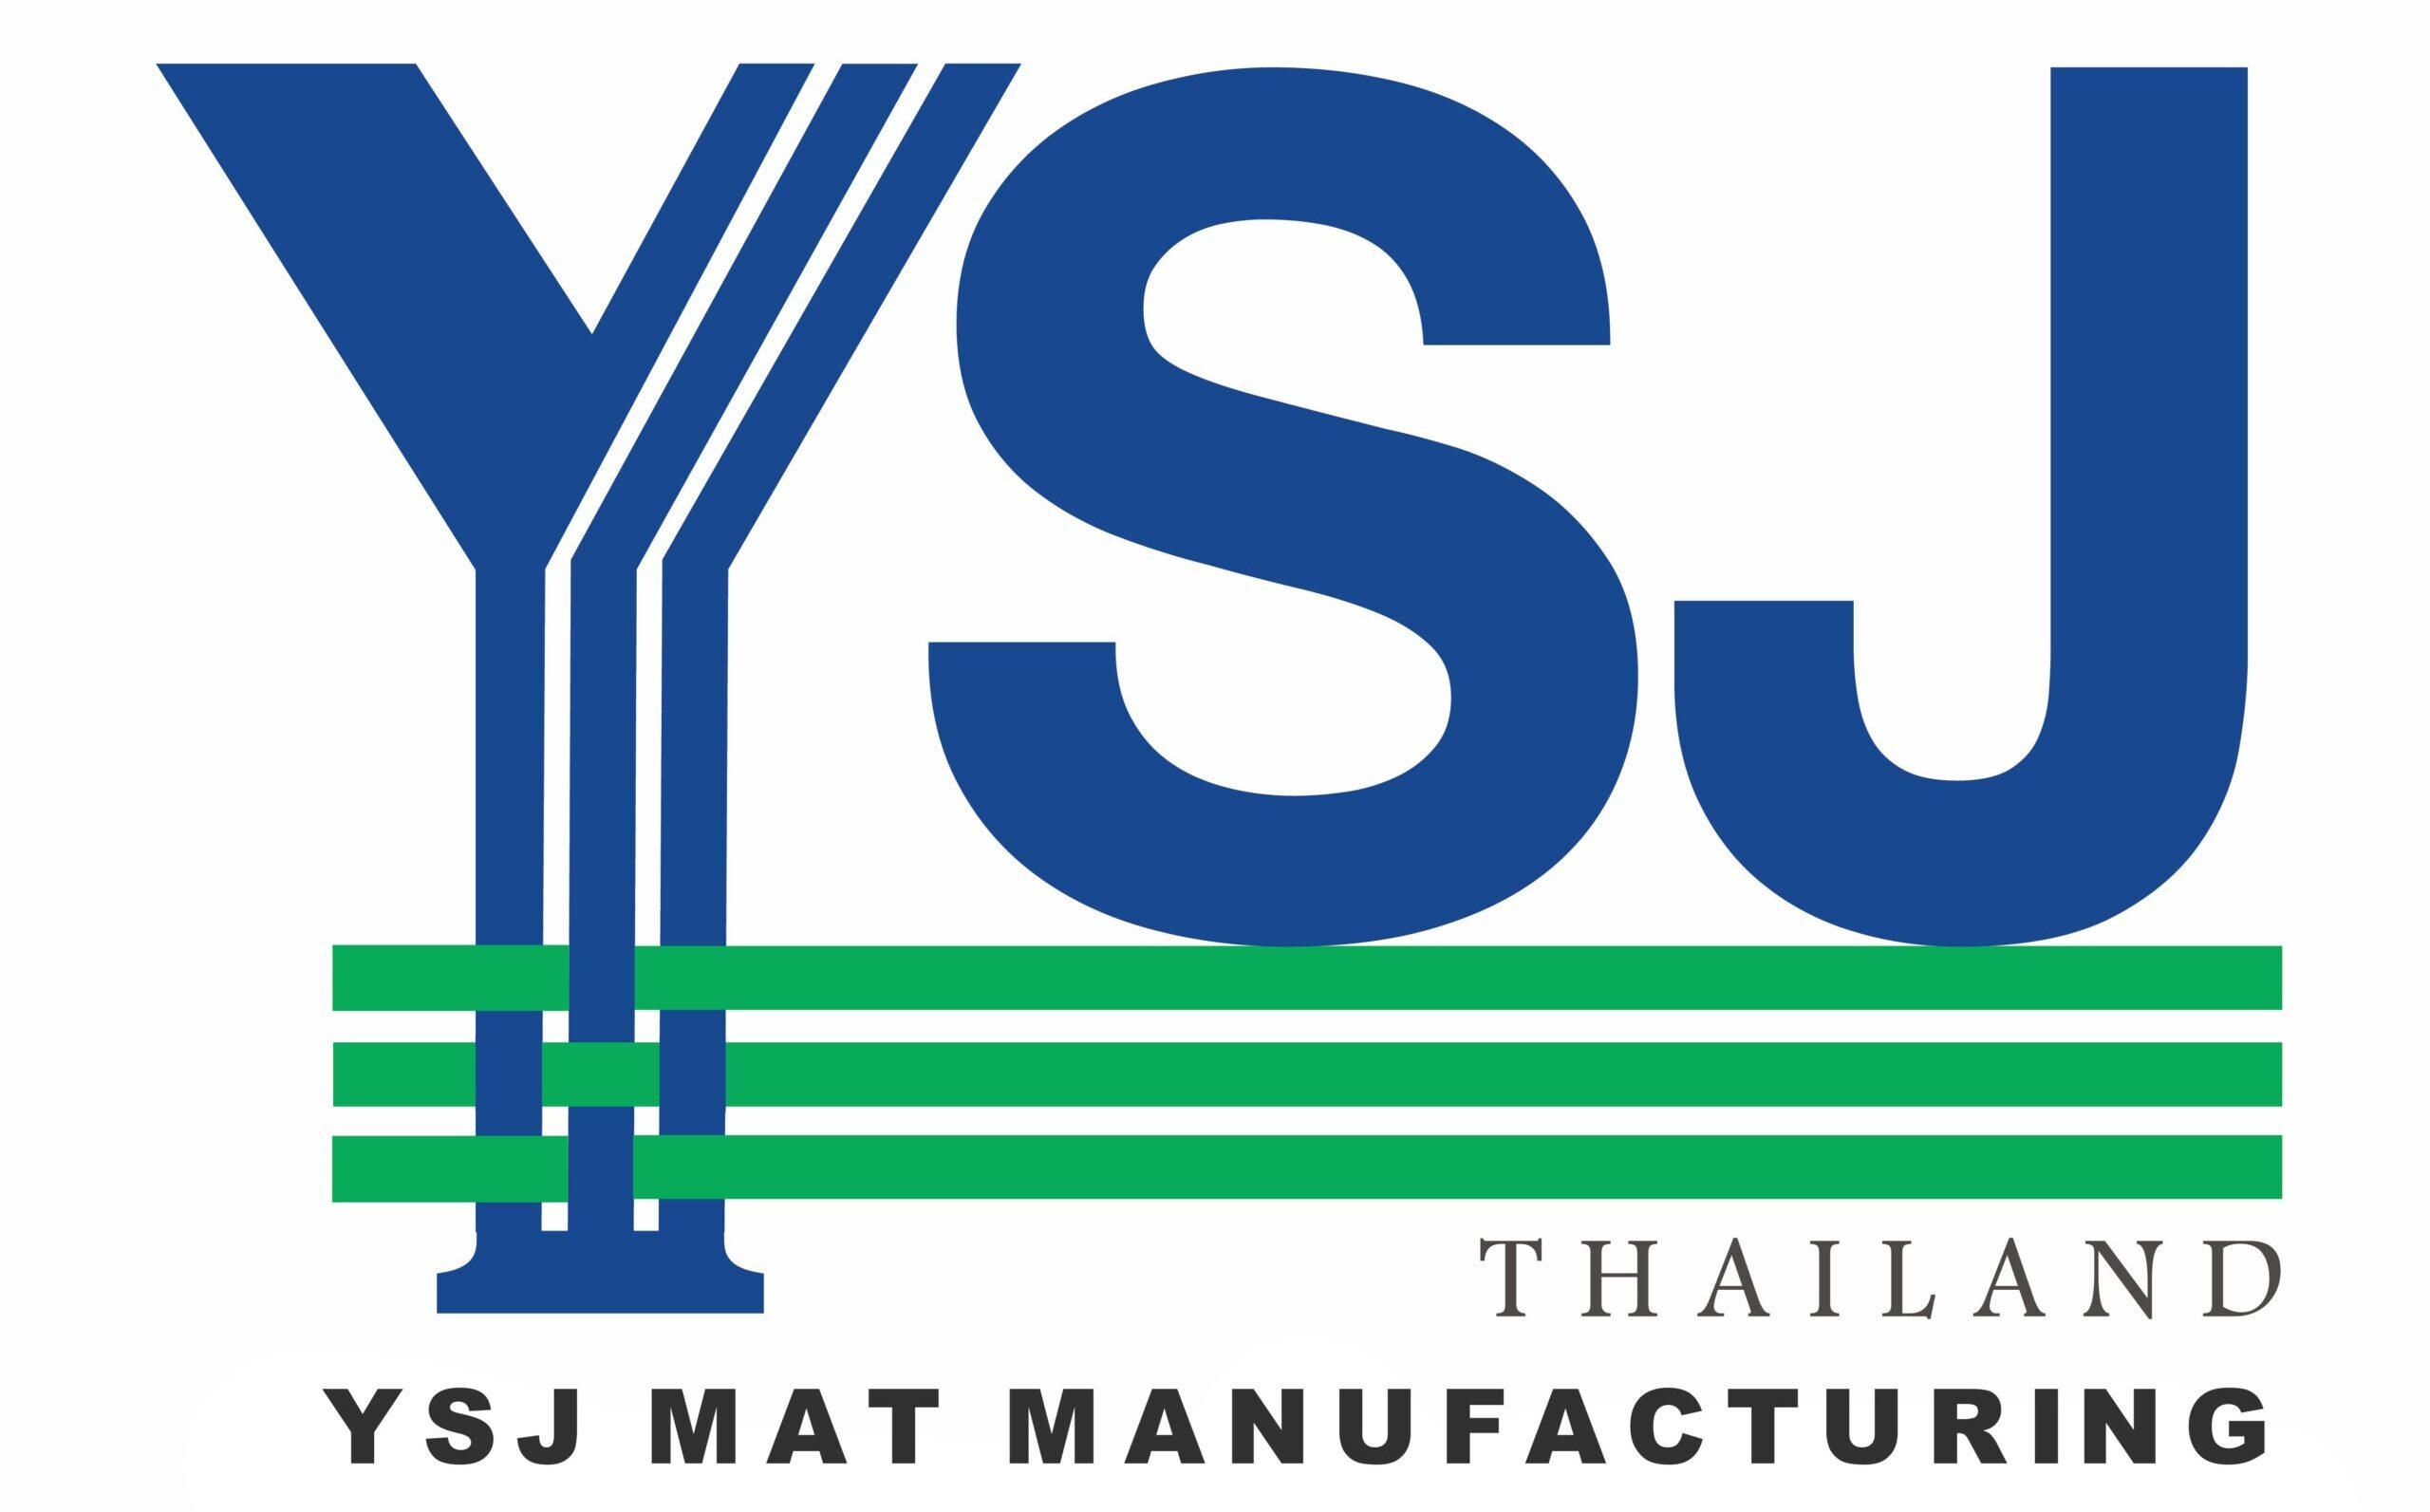 YSJ MAT | TEMPLE MAT, PP MAT MANUFACTURER, PICNIC MAT, BEACH MAT, FOLDABLE MAT, PLASTIC GOZA MAT, PP MAT